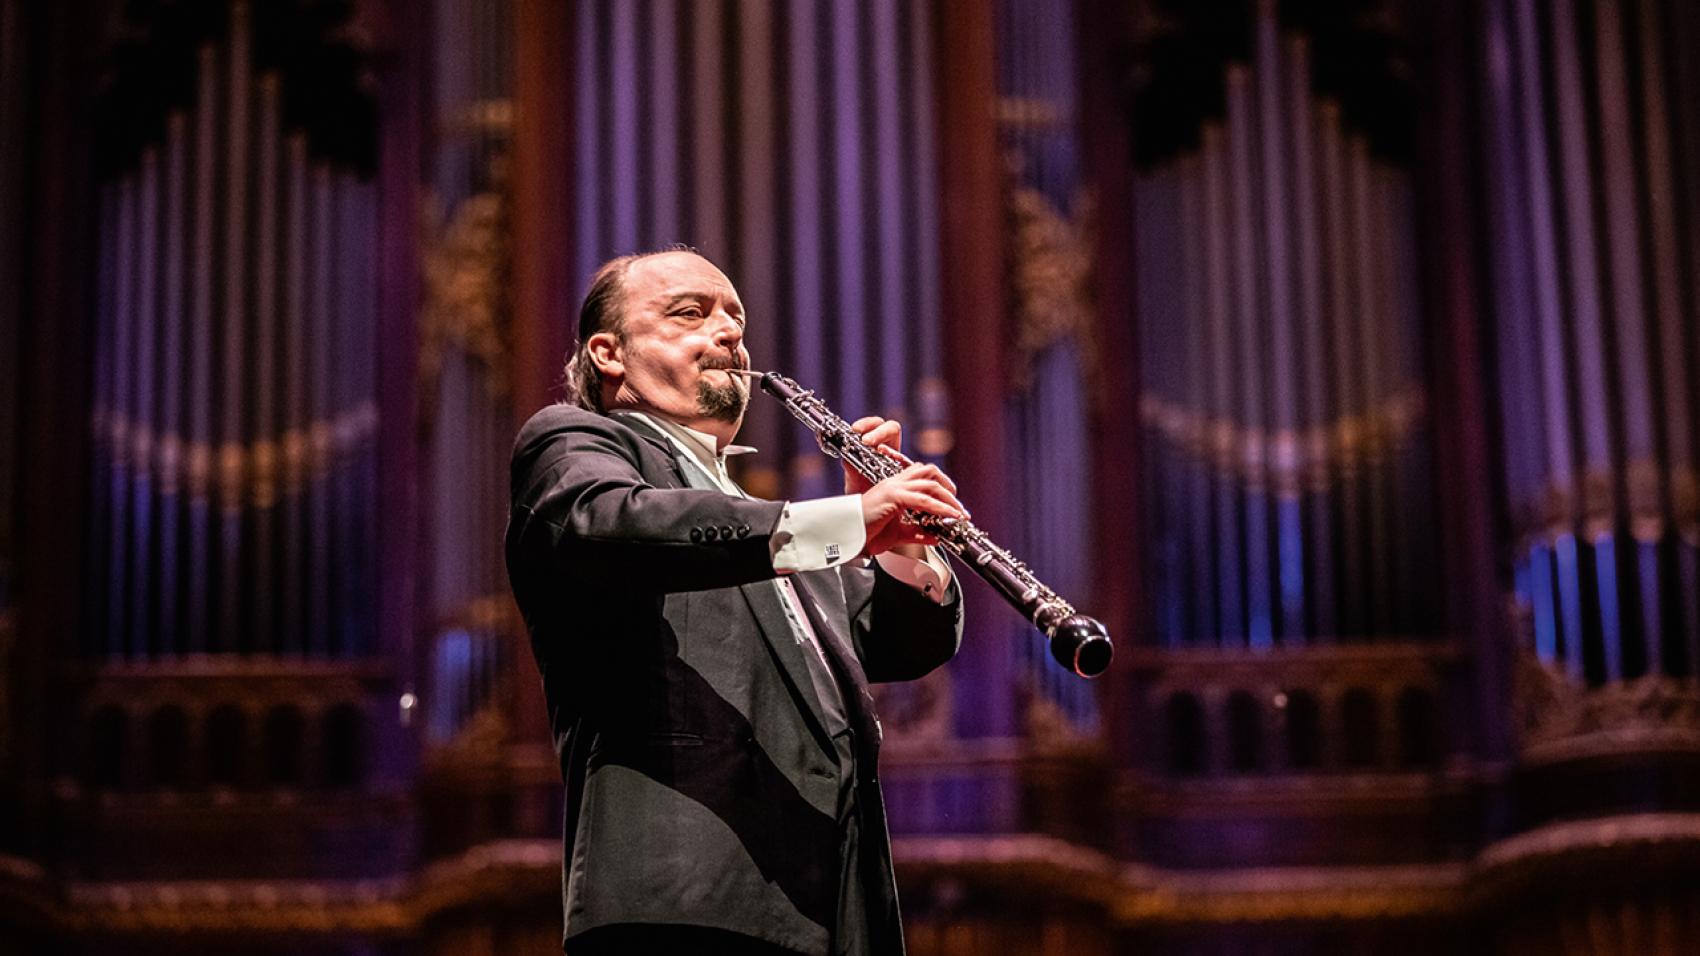 Het Nederlands Kamerorkest o.l.v. hoboïst François Leleux